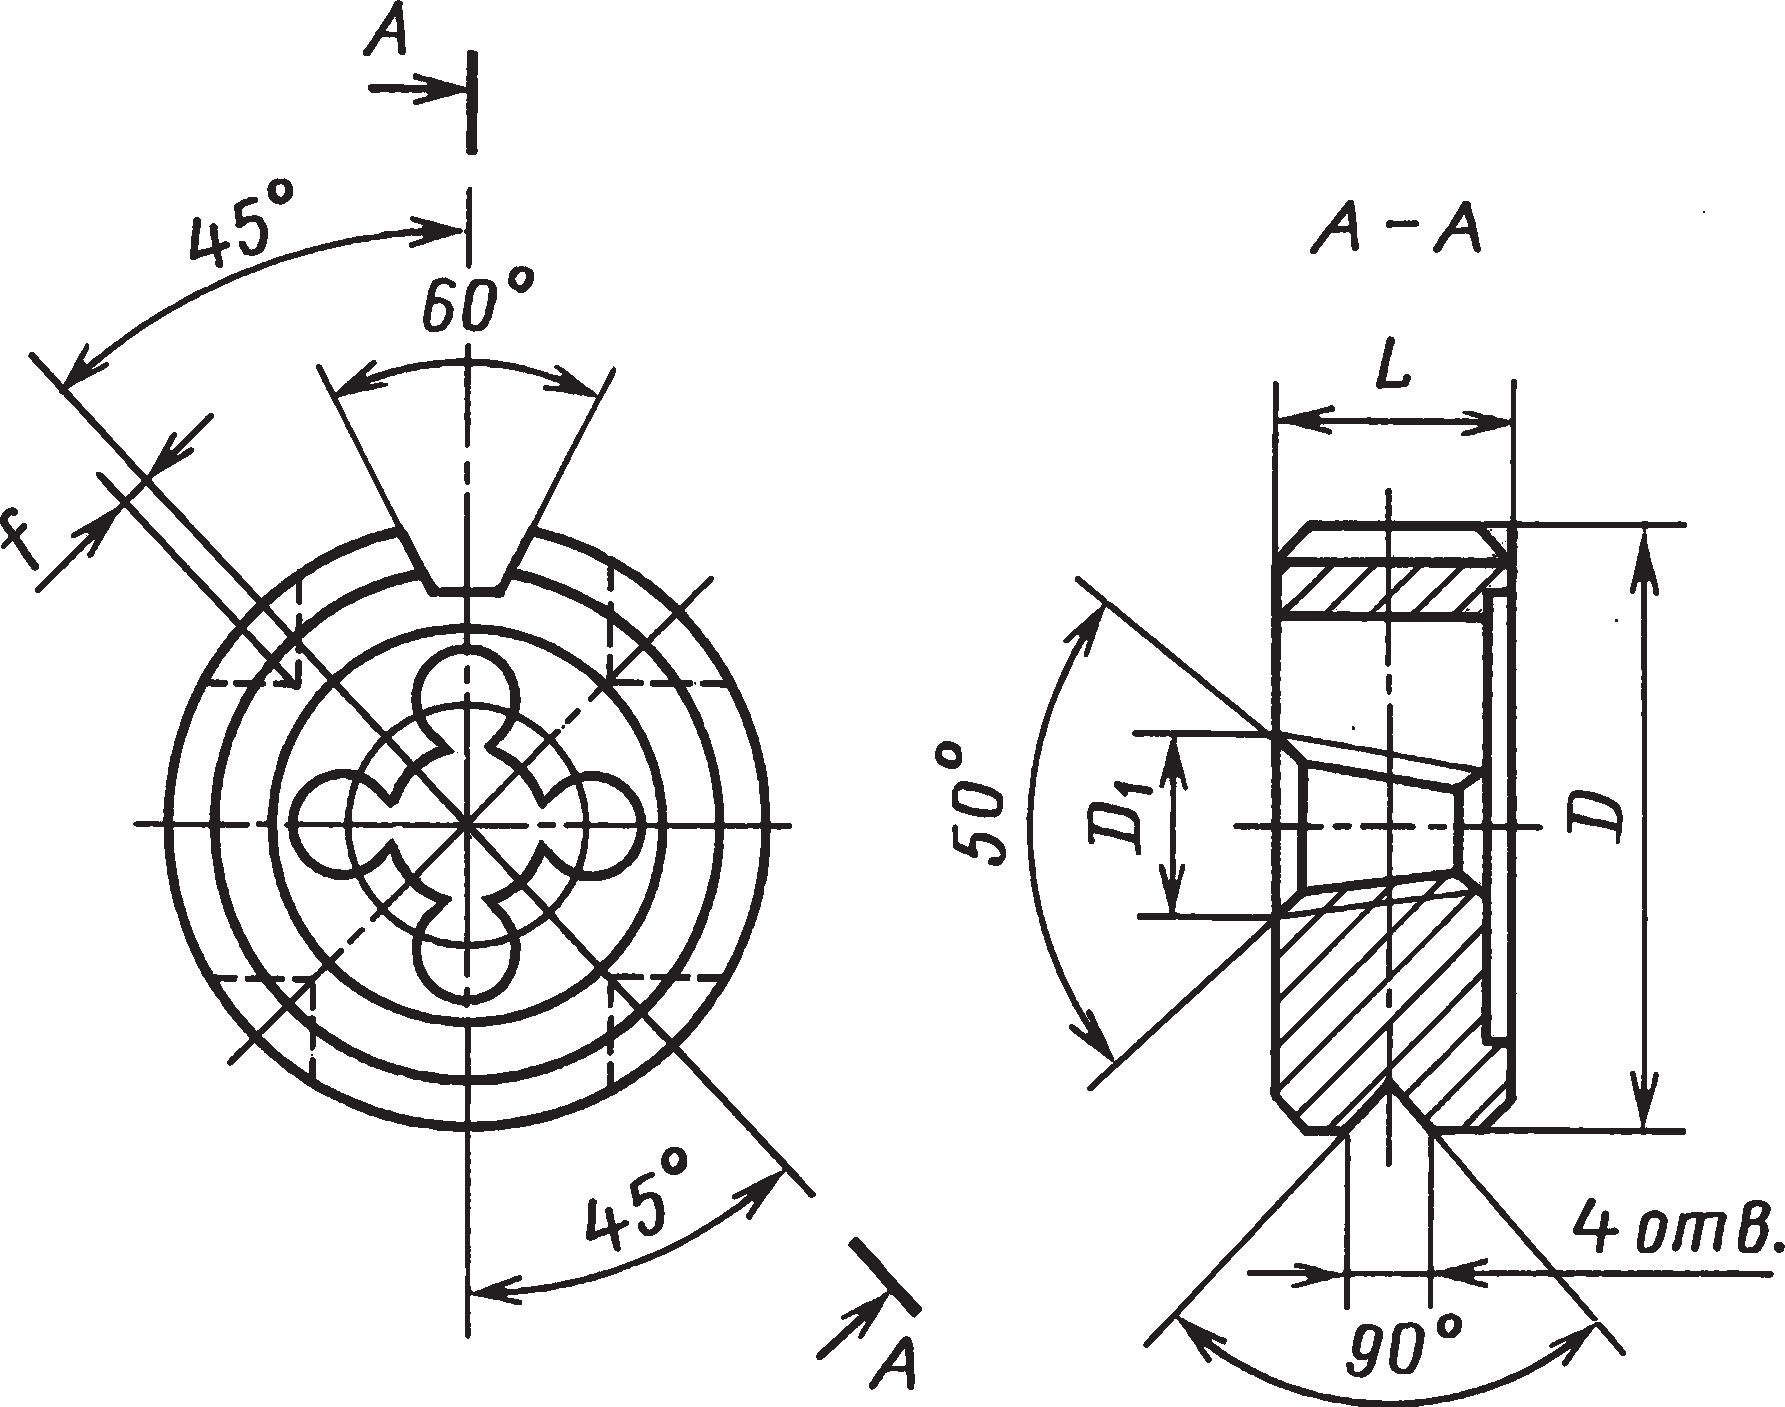 Круглые плашки (ГОСТ 6228–80Е) для нарезания конической резьбыс углом профиля 60 (ГОСТ 6111–52) и трубной конической резьбы (ГОСТ 6211–81)